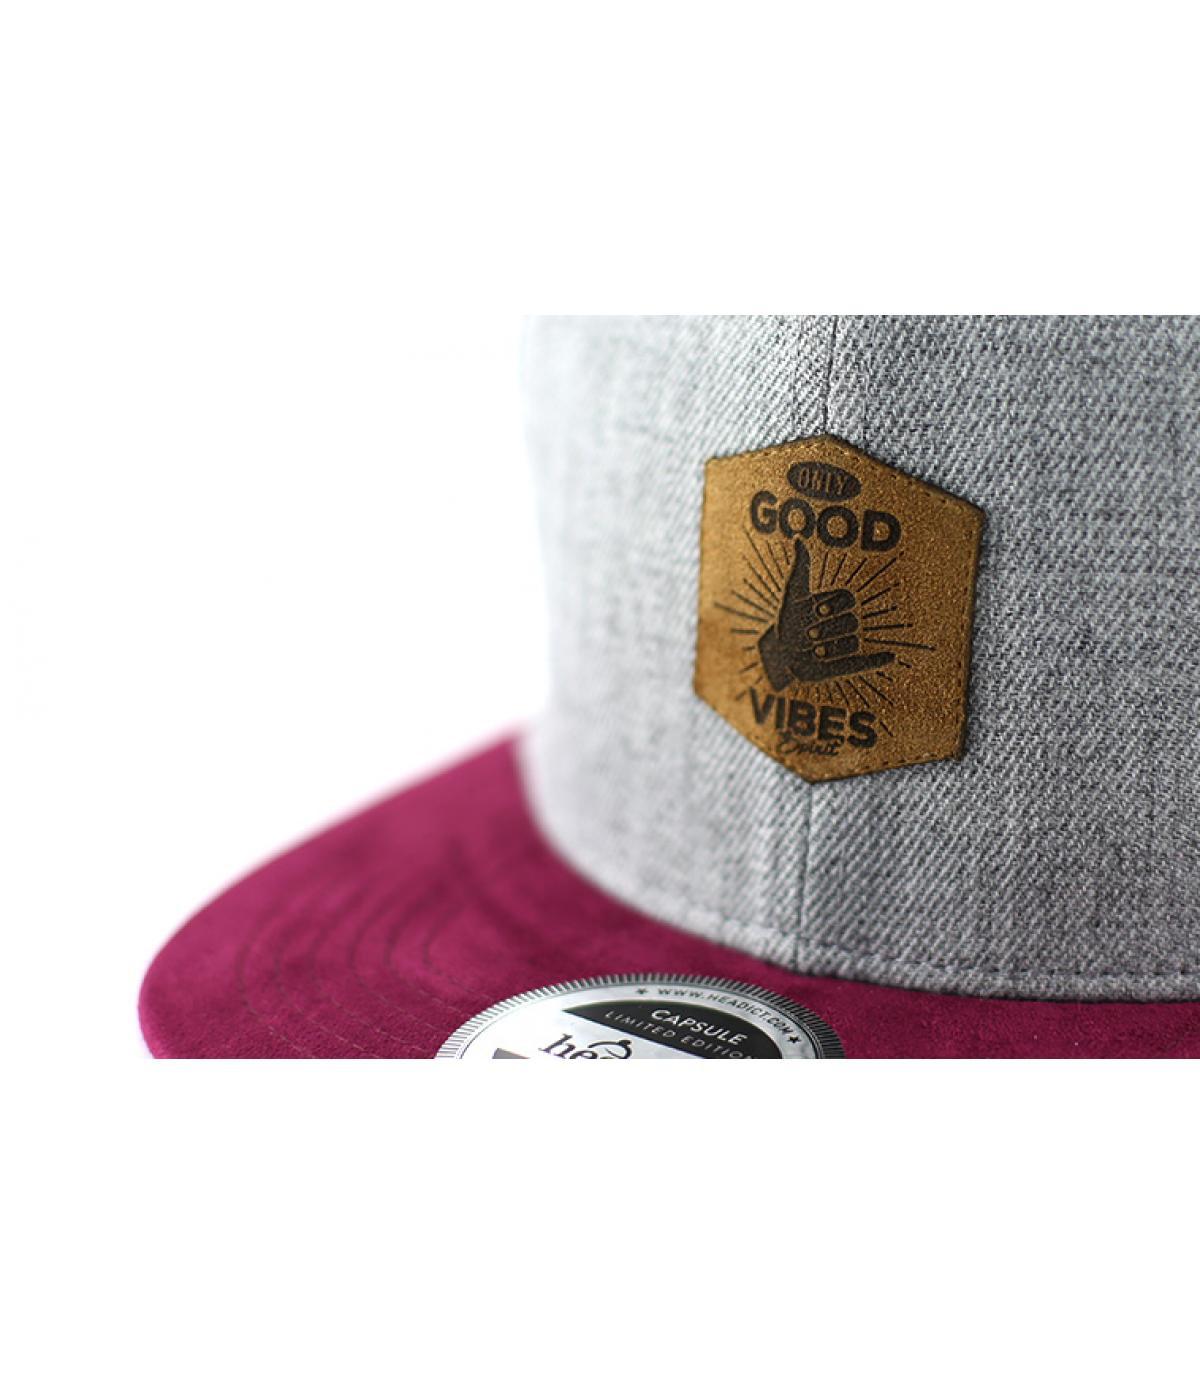 Details Snapback Good Vibes grey burgundy - Abbildung 3